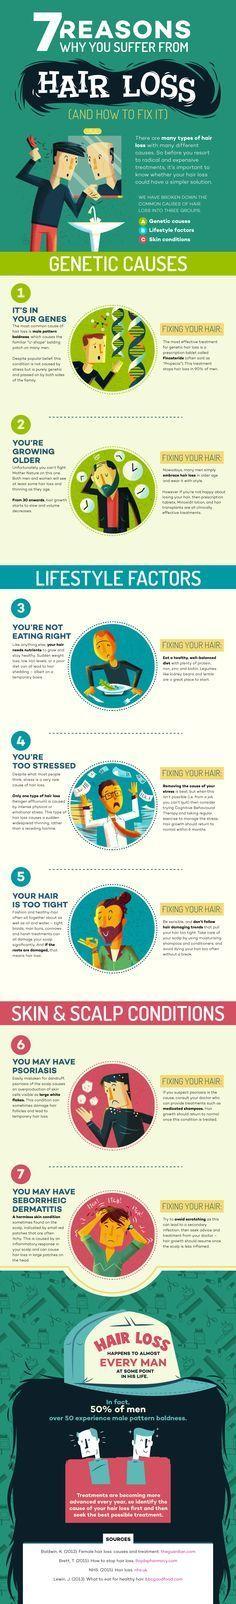 7 reasons hair loss